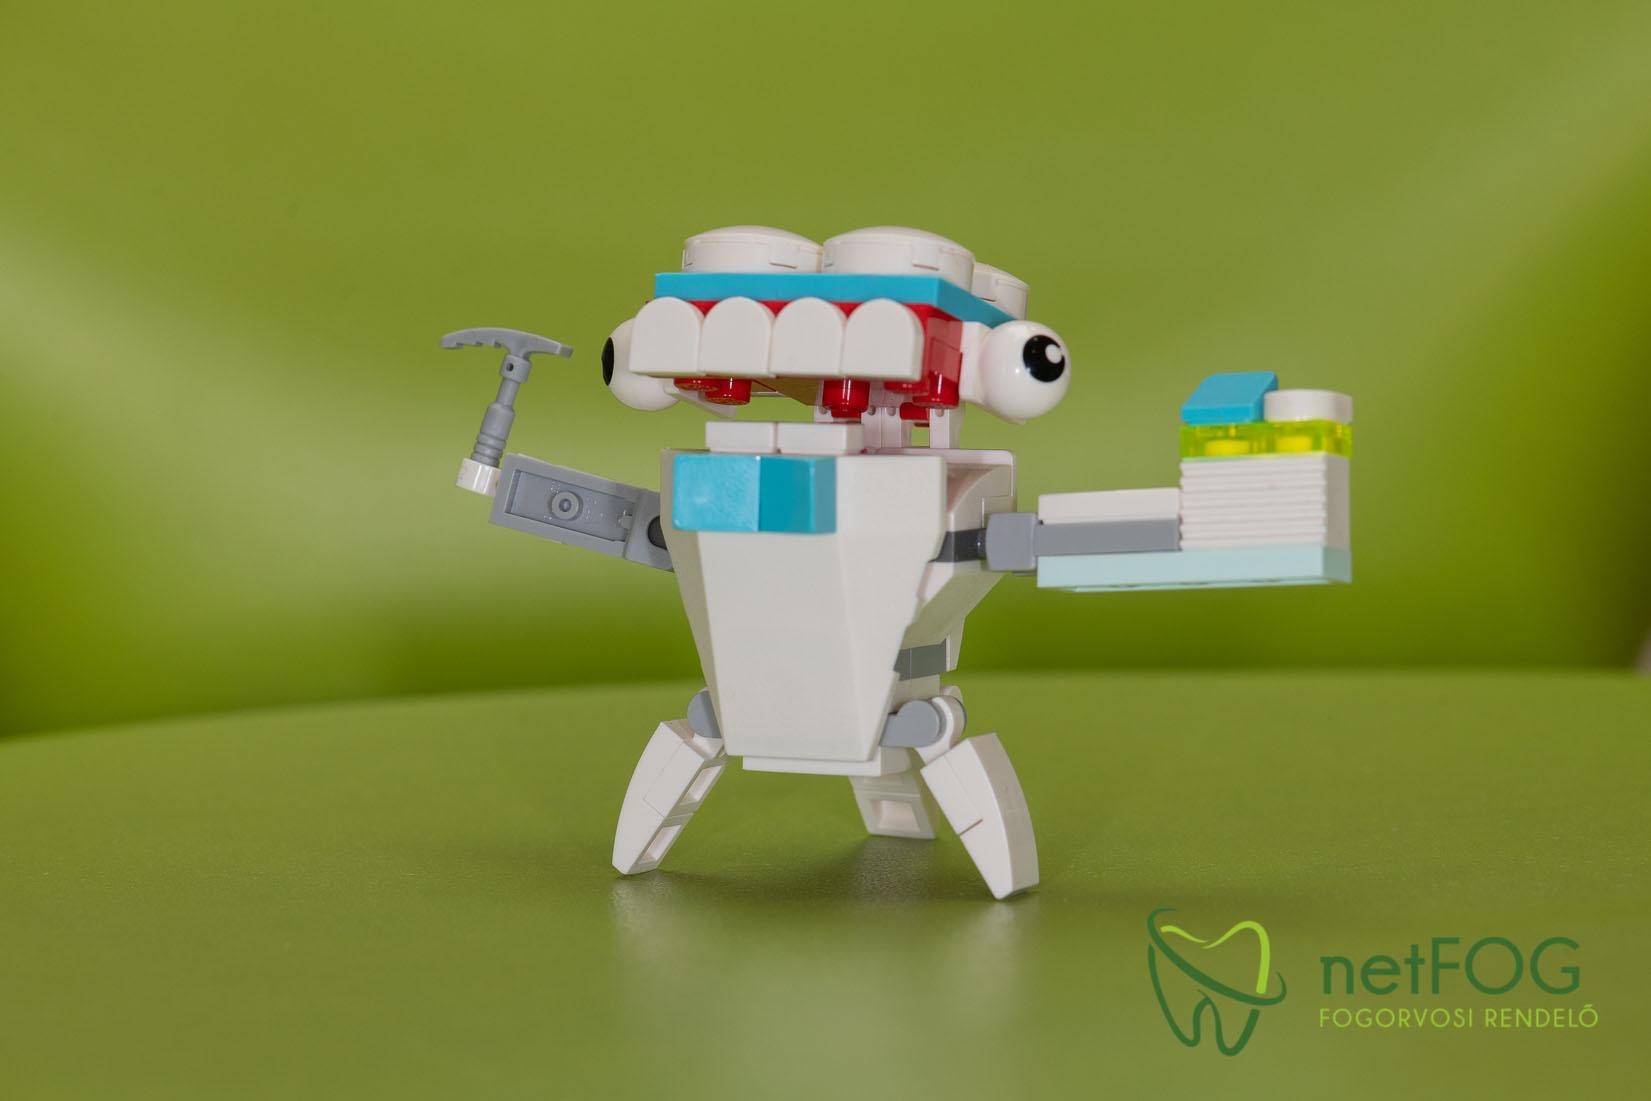 Lego fognyűvő manó játék gyermekfogászatunkon